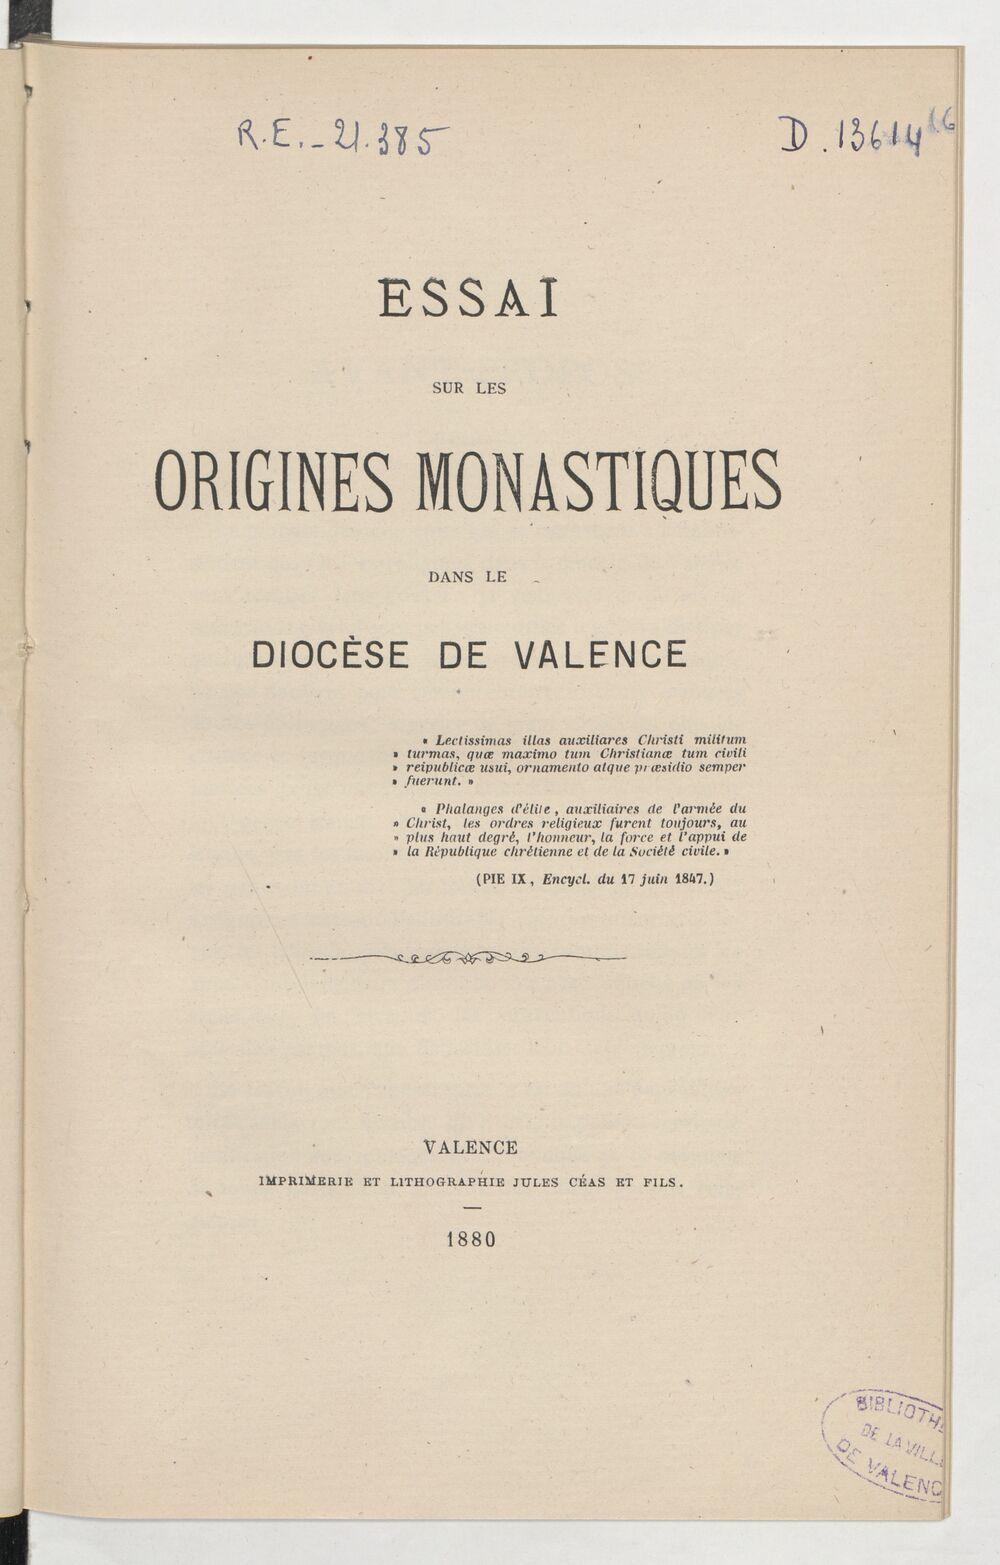 Essai sur les origines monastiques dans le diocèse de Valence